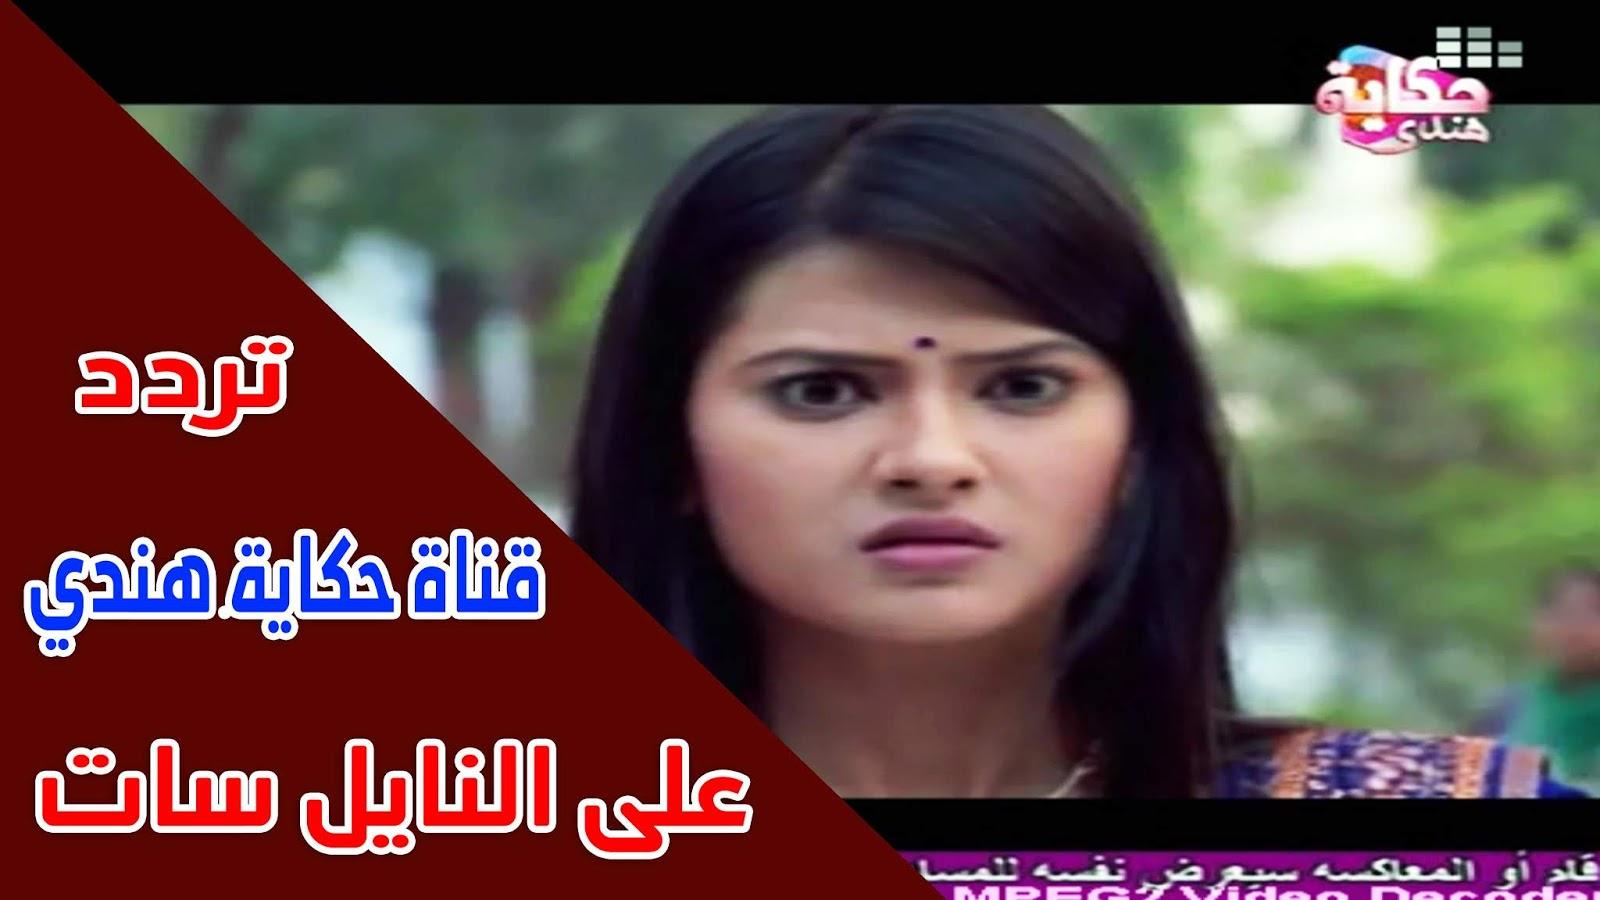 تردد قناة حكاية هندي Hekya على النايل سات لعشاق المسلسلات و